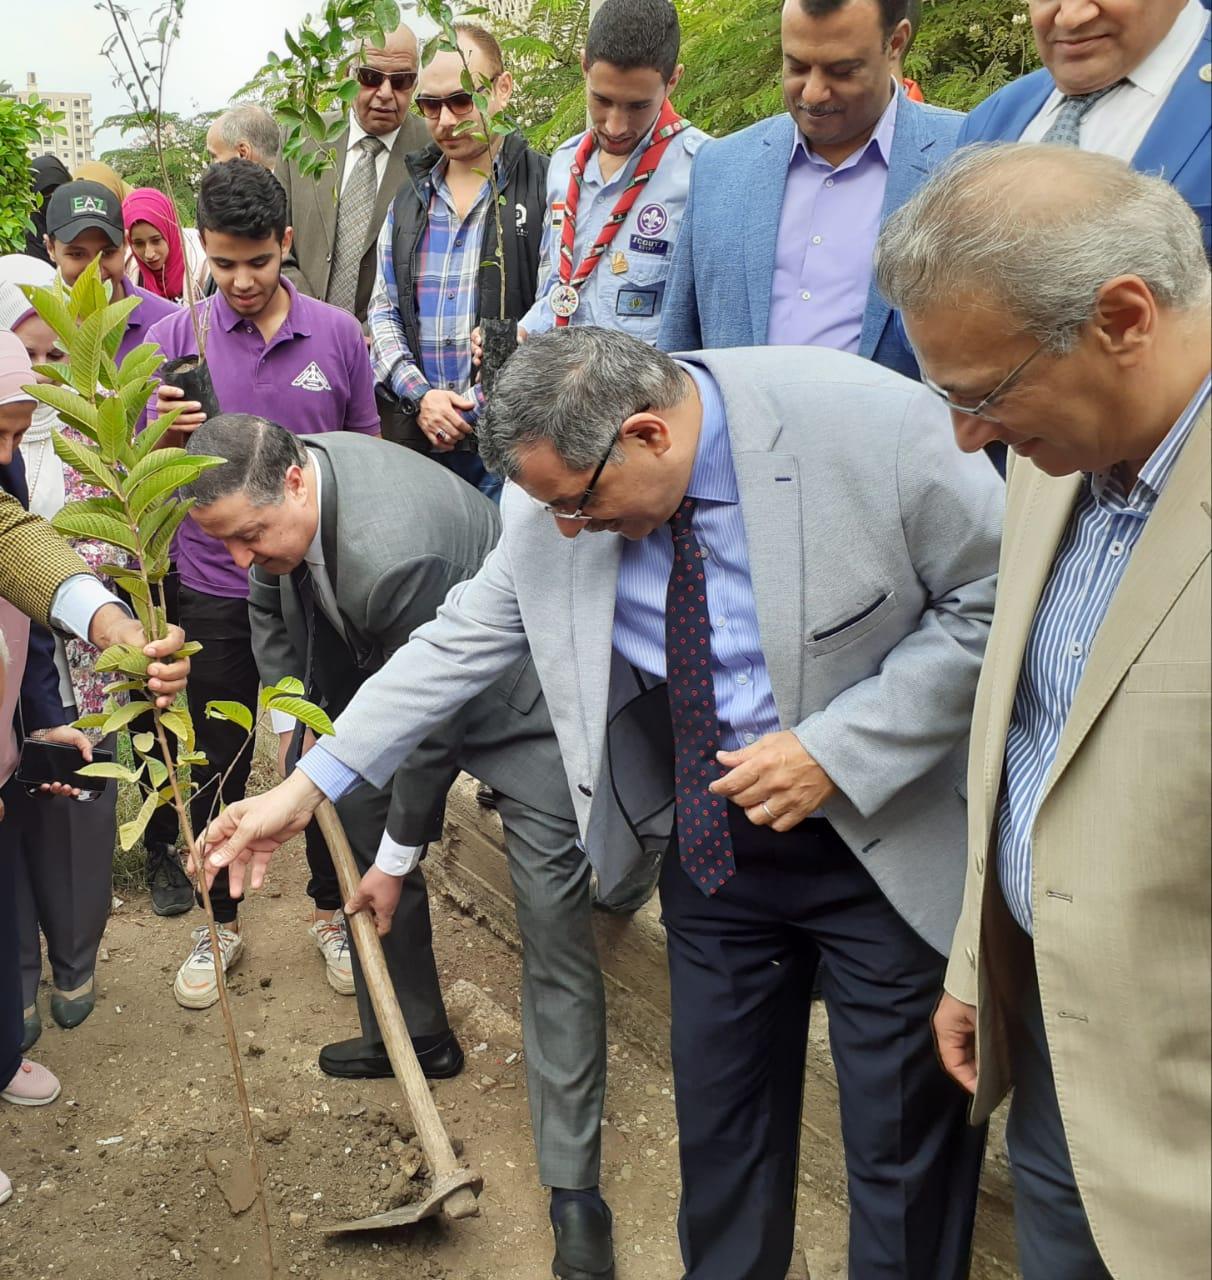 تدشين مبادرة هنجملها بكلية التربية جامعة بنها لزراعة 2500 شجرة (5)